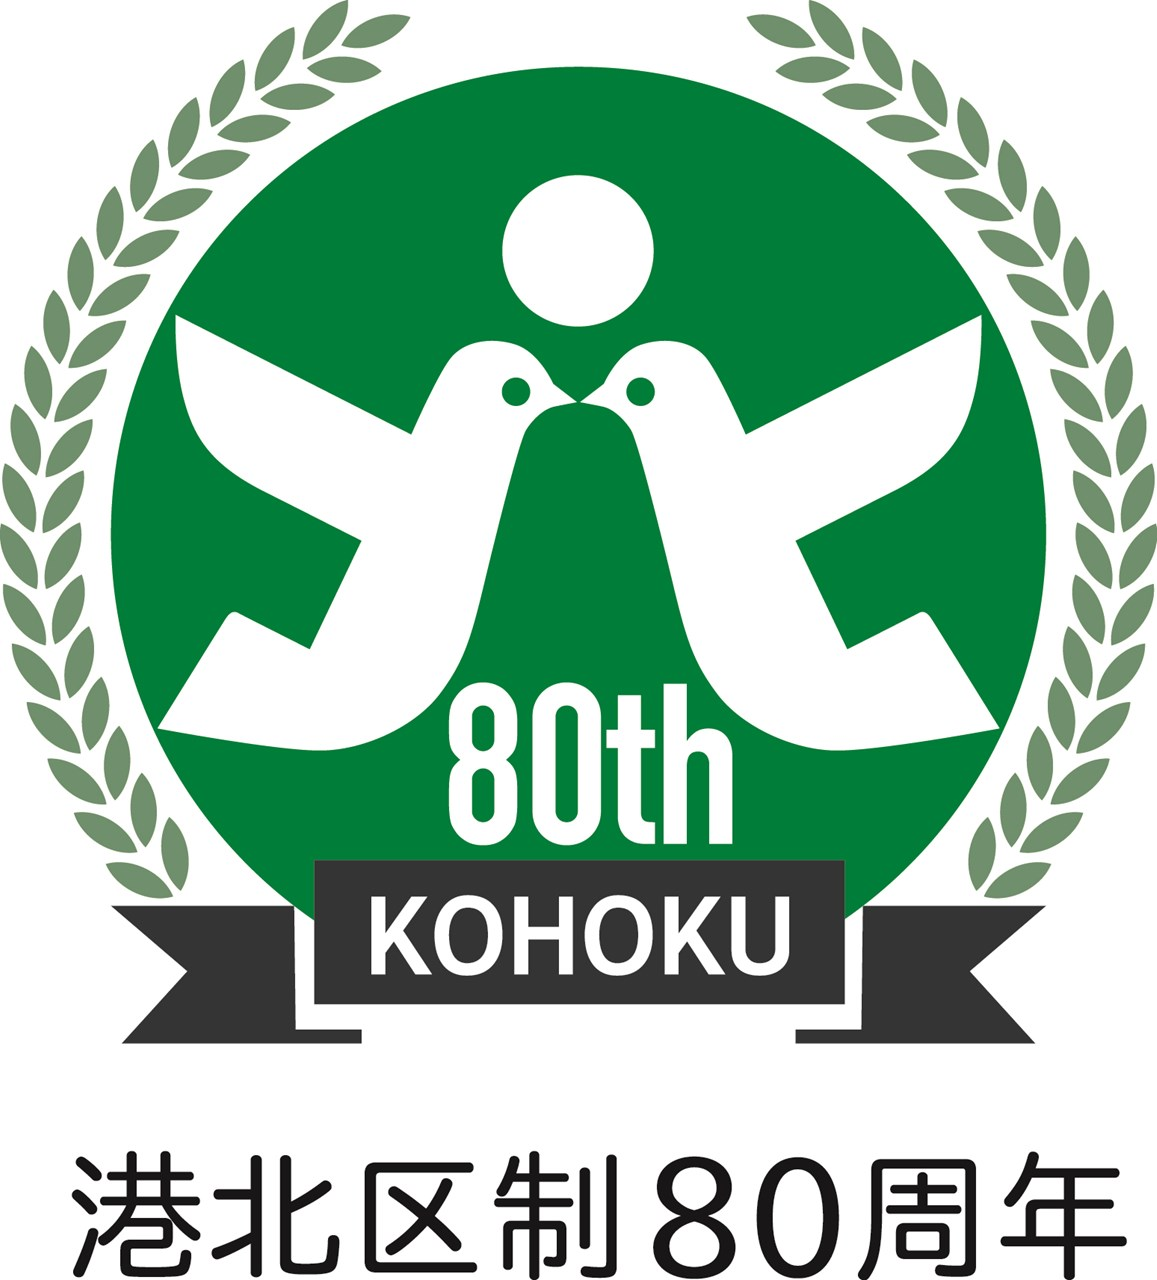 2019年は港北区制「80周年」、記念ロゴ・映像制作や6月には新横浜で記念式典も